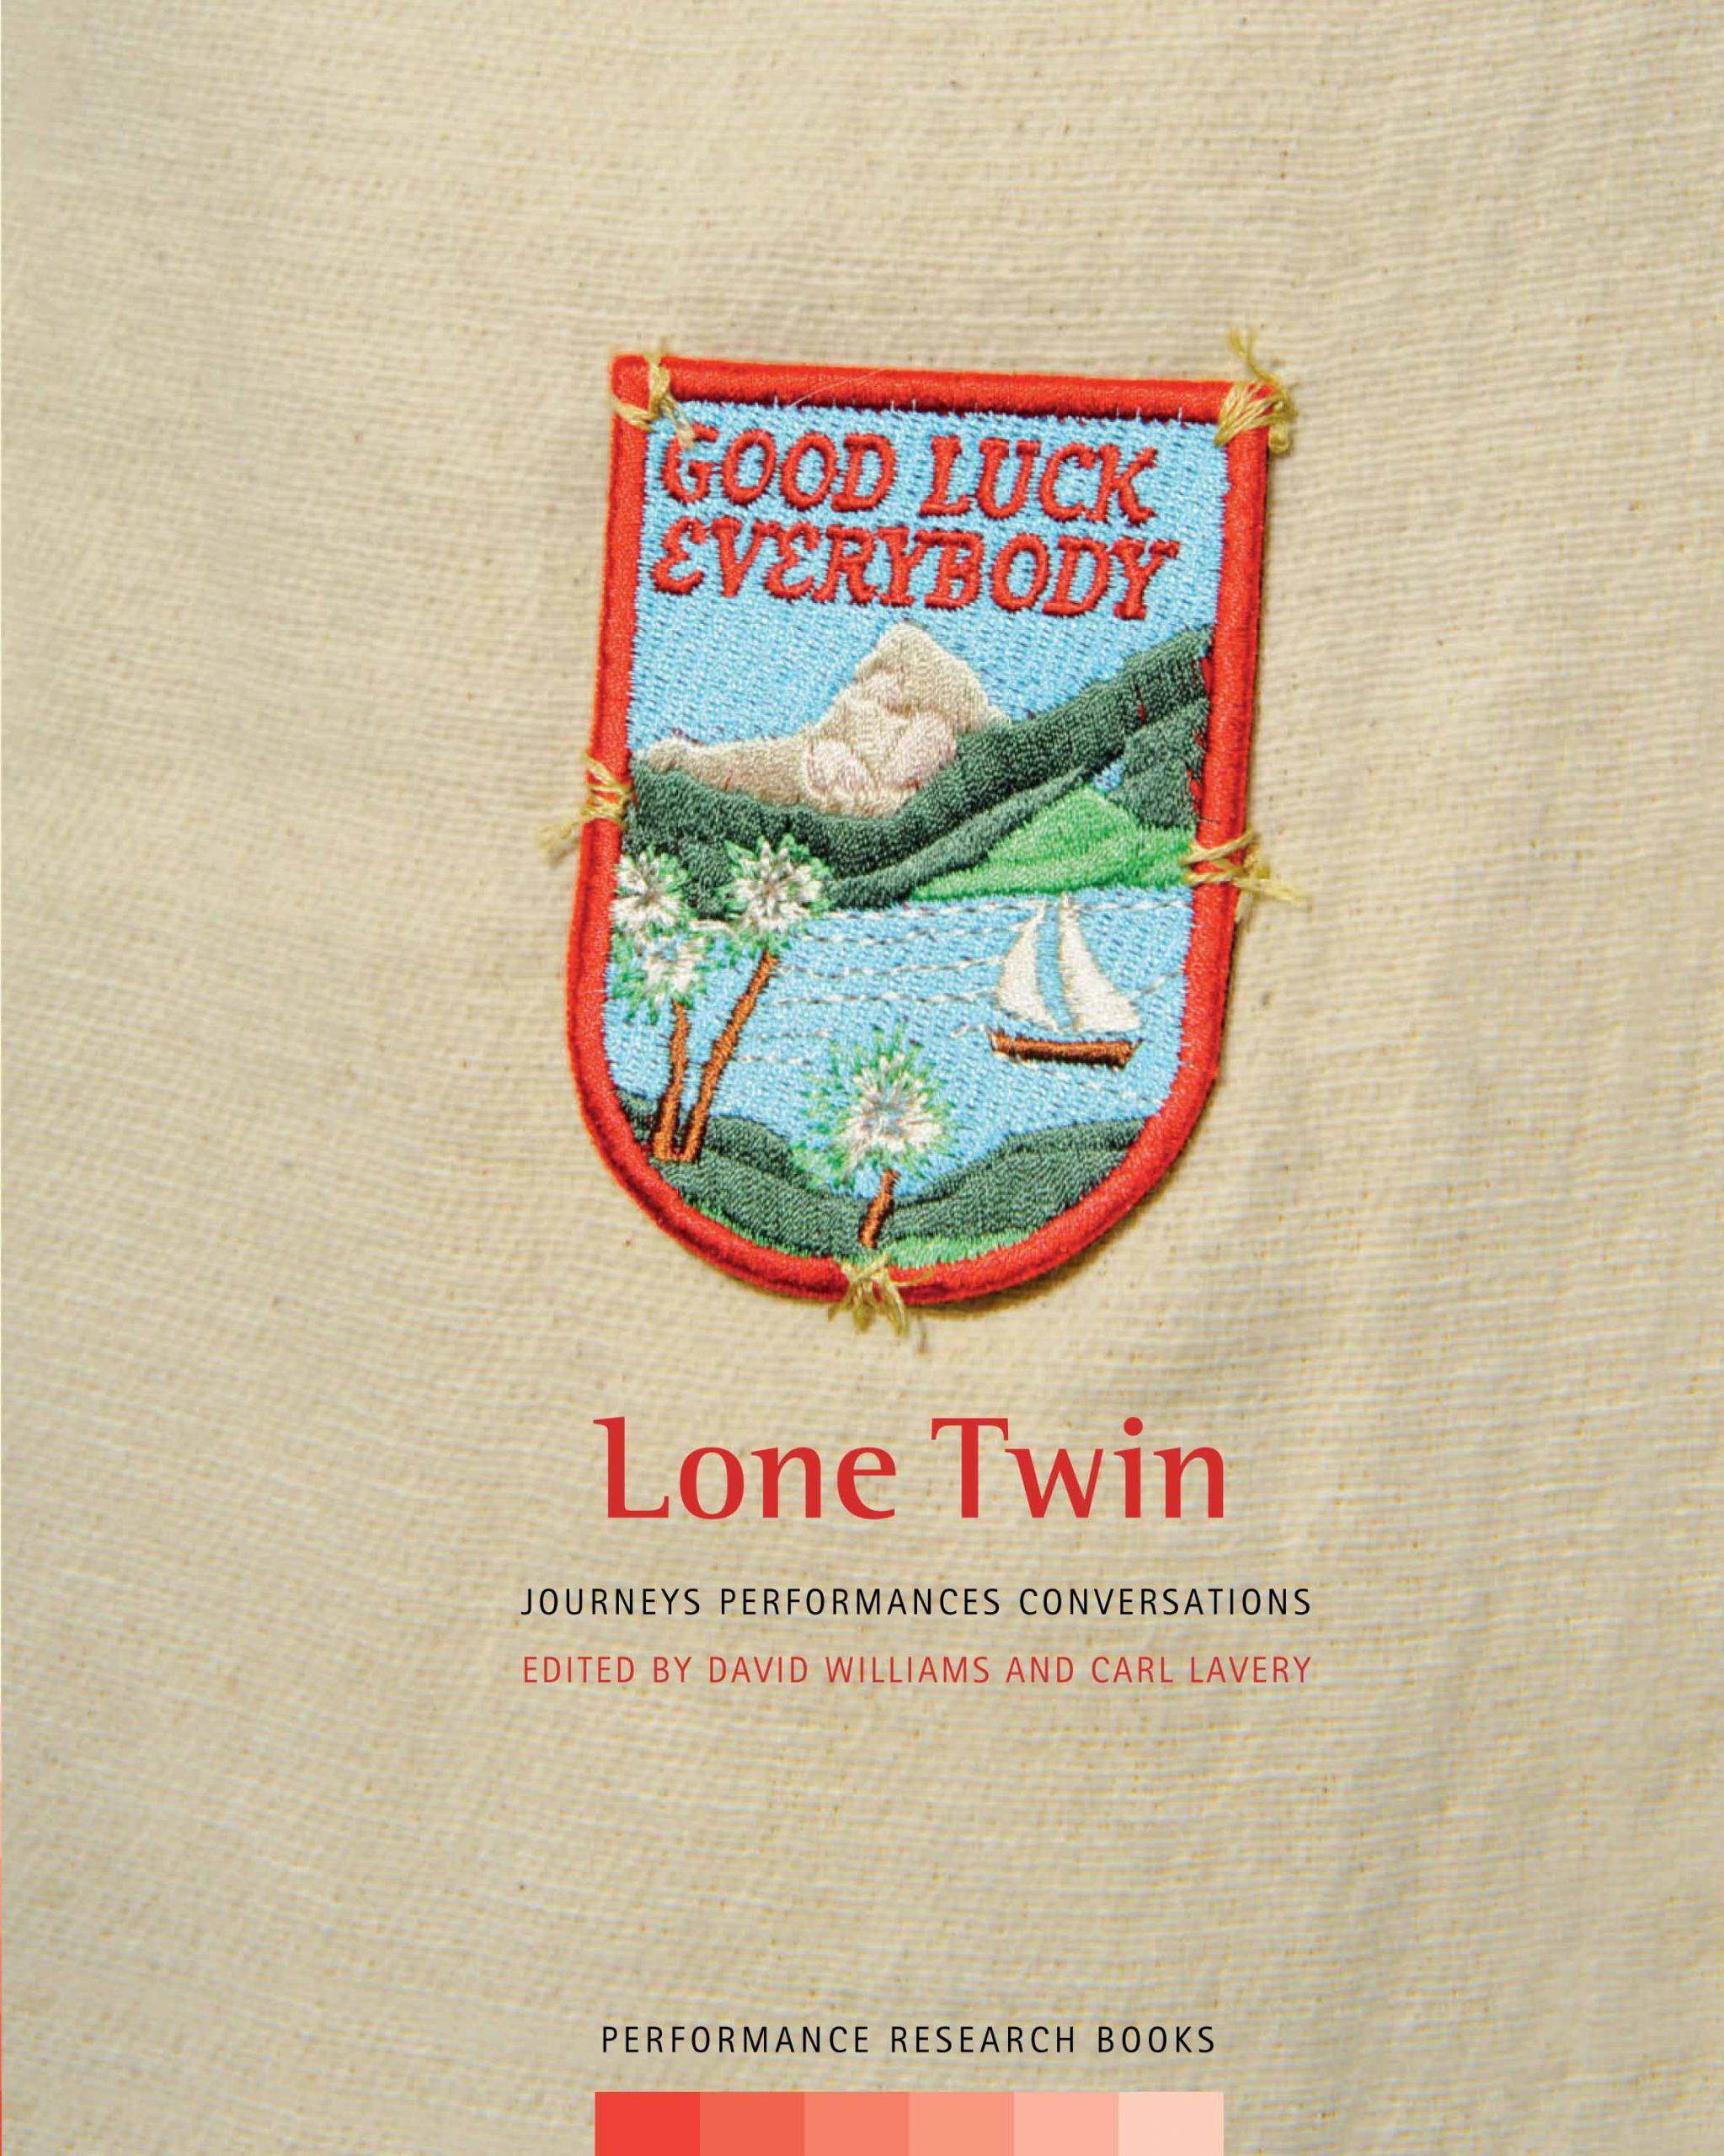 Lone Twin